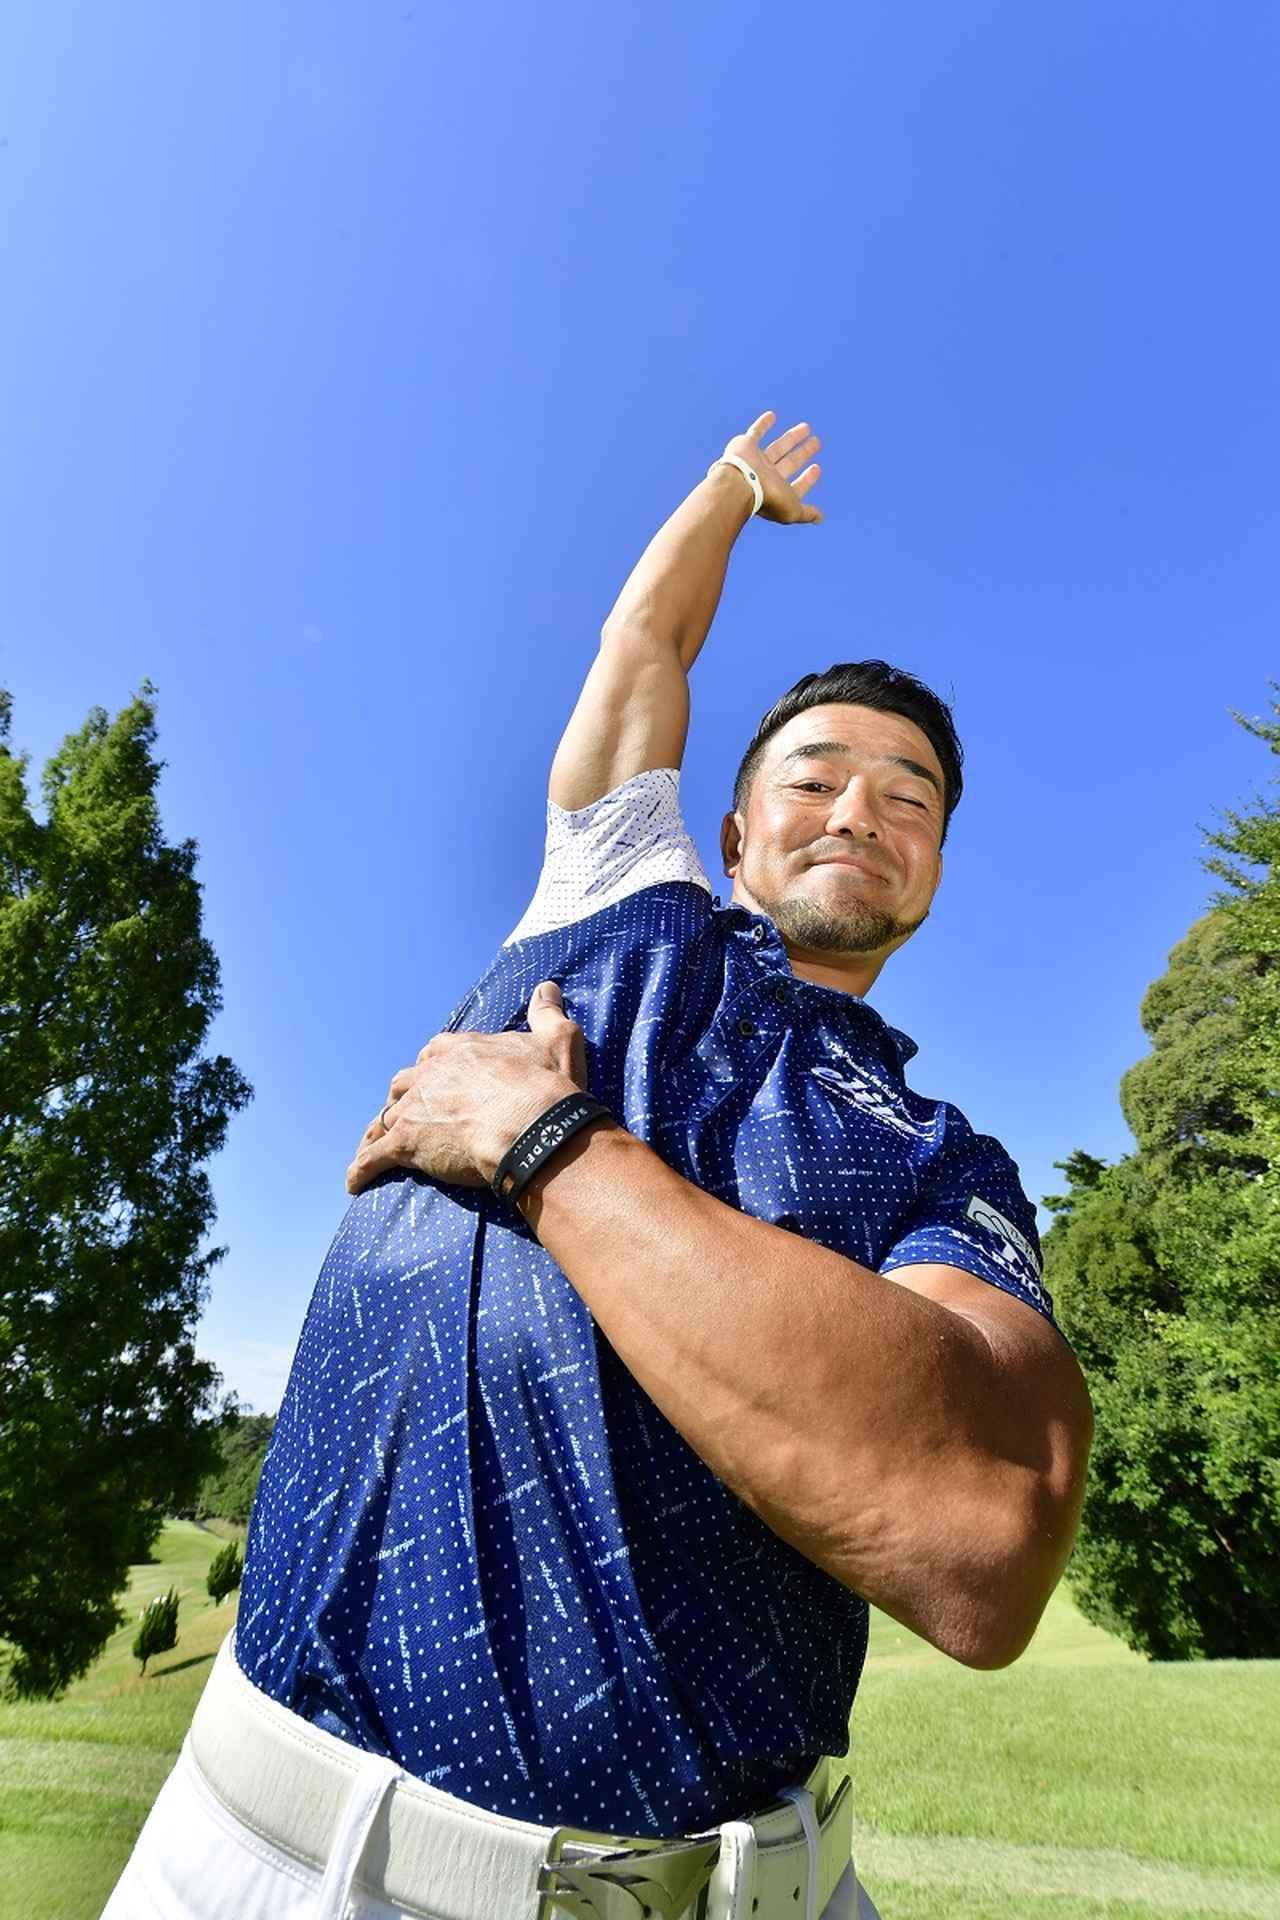 画像: 「肩甲骨だけを動かそうと思っても、それは難しい。意識しやすい肋骨を積極的に動かすと、肩甲骨が大きく動き出します」